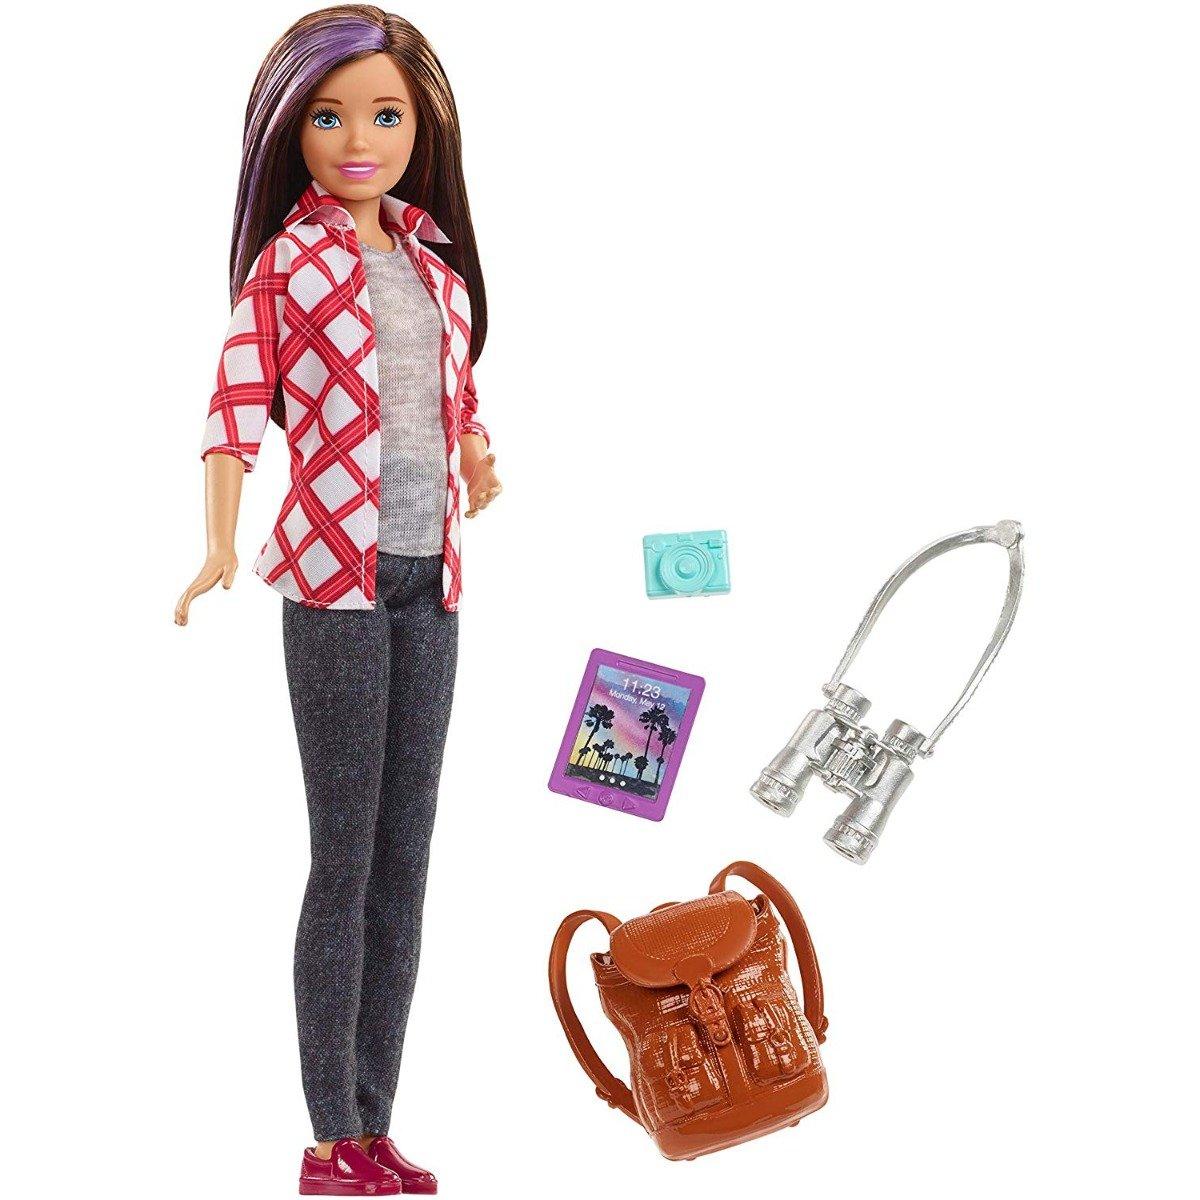 Papusa Barbie Skipper turista cu accesorii